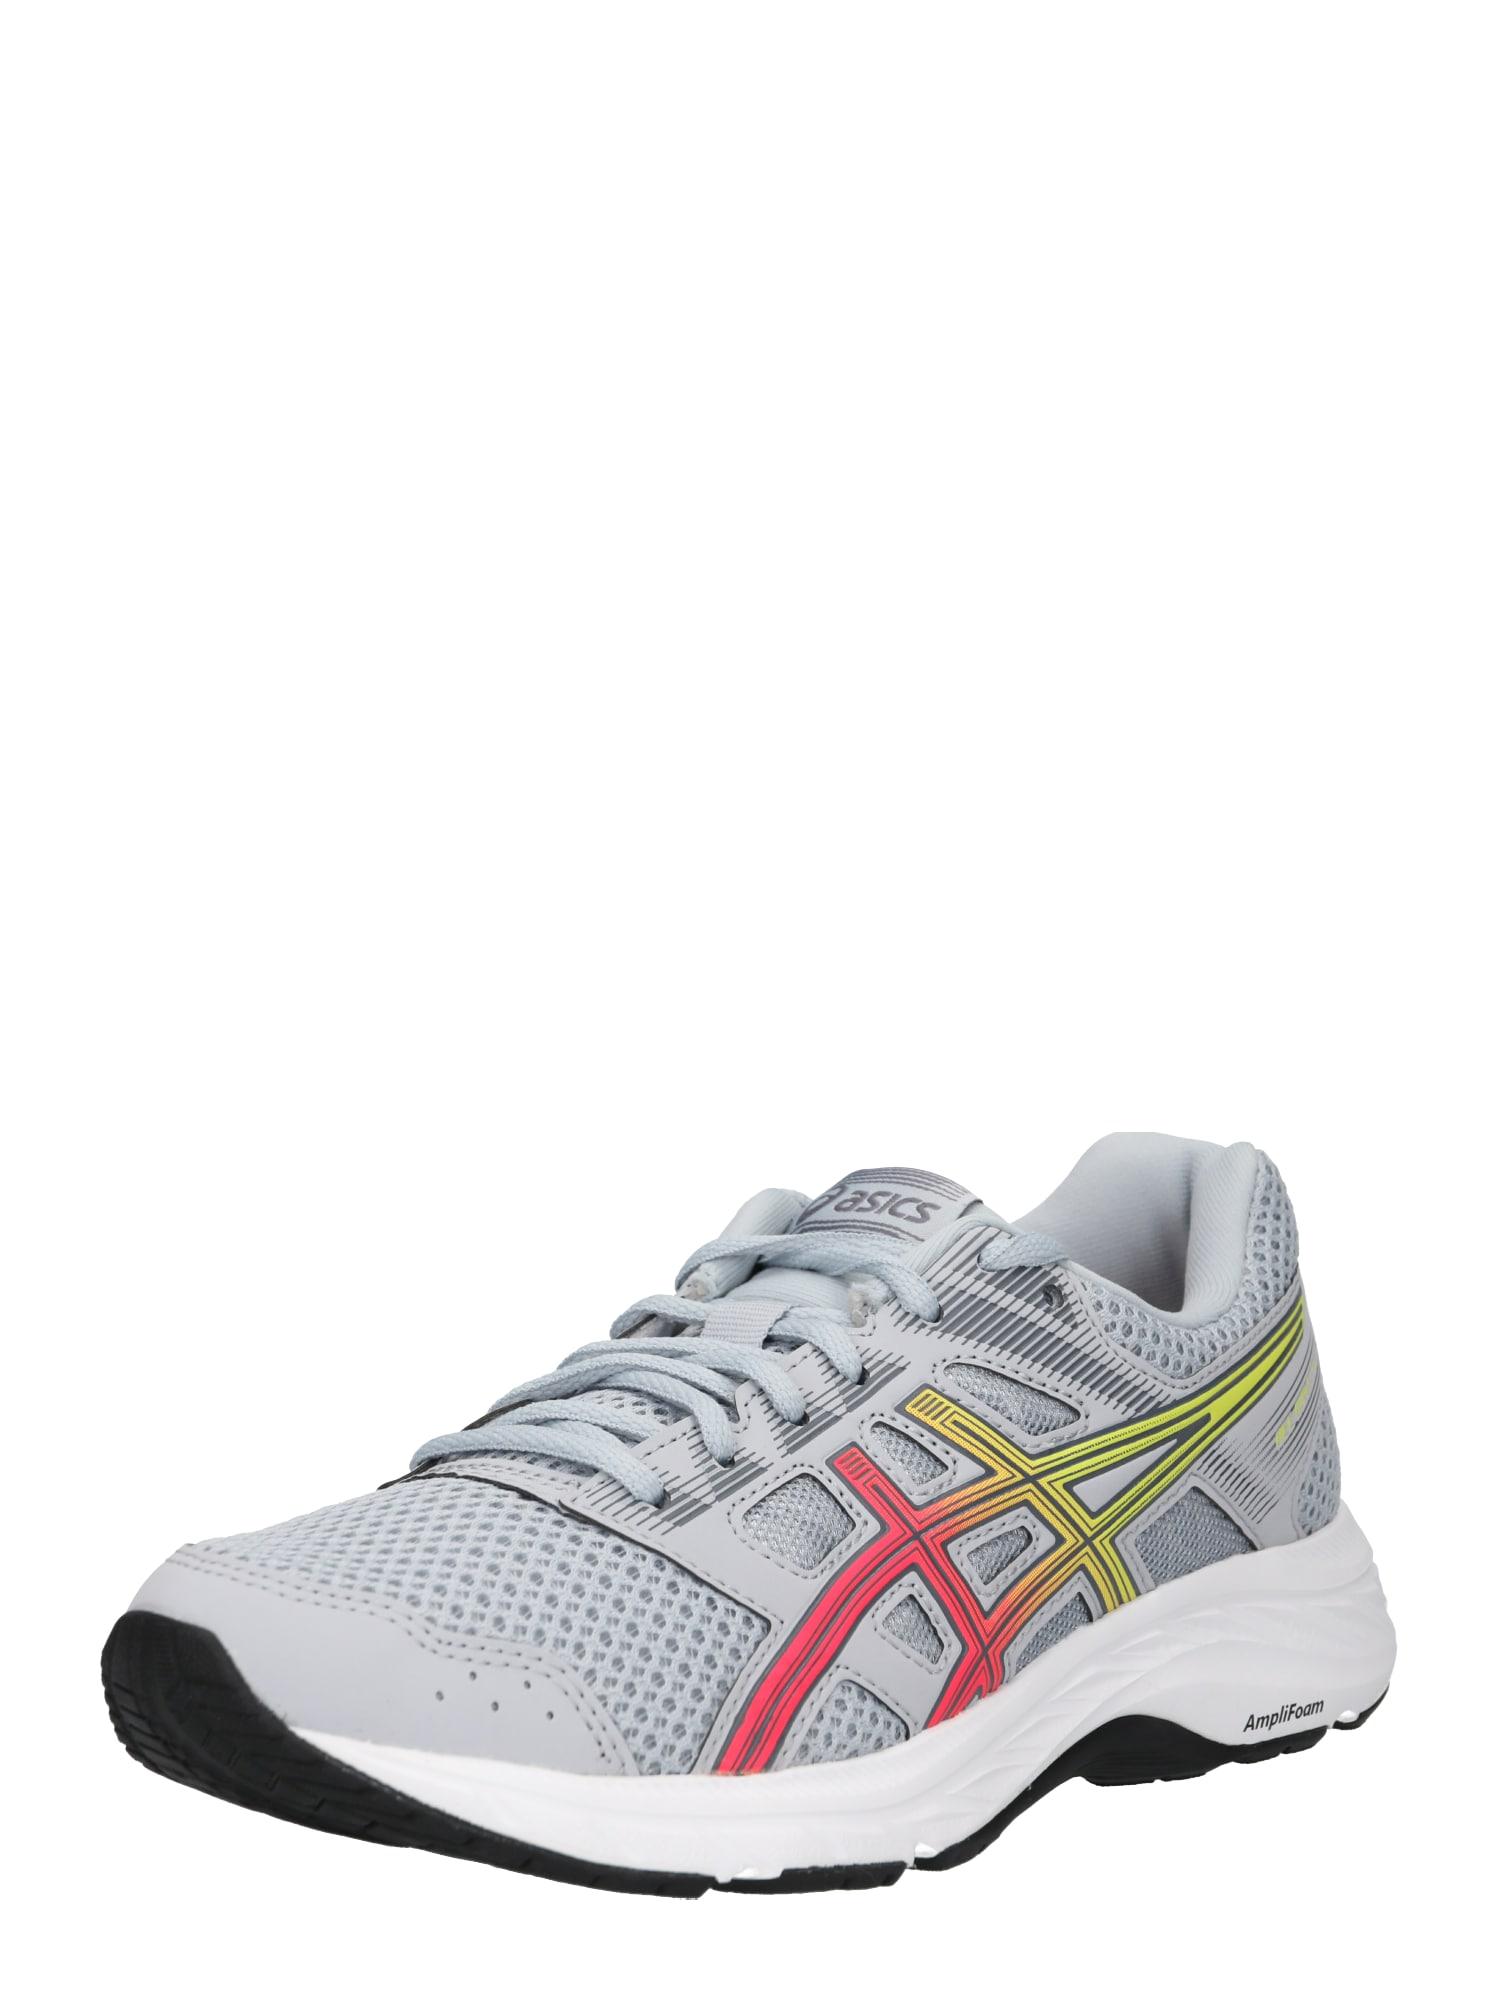 Běžecká obuv Gel-Contend 5 žlutá šedá pink ASICS